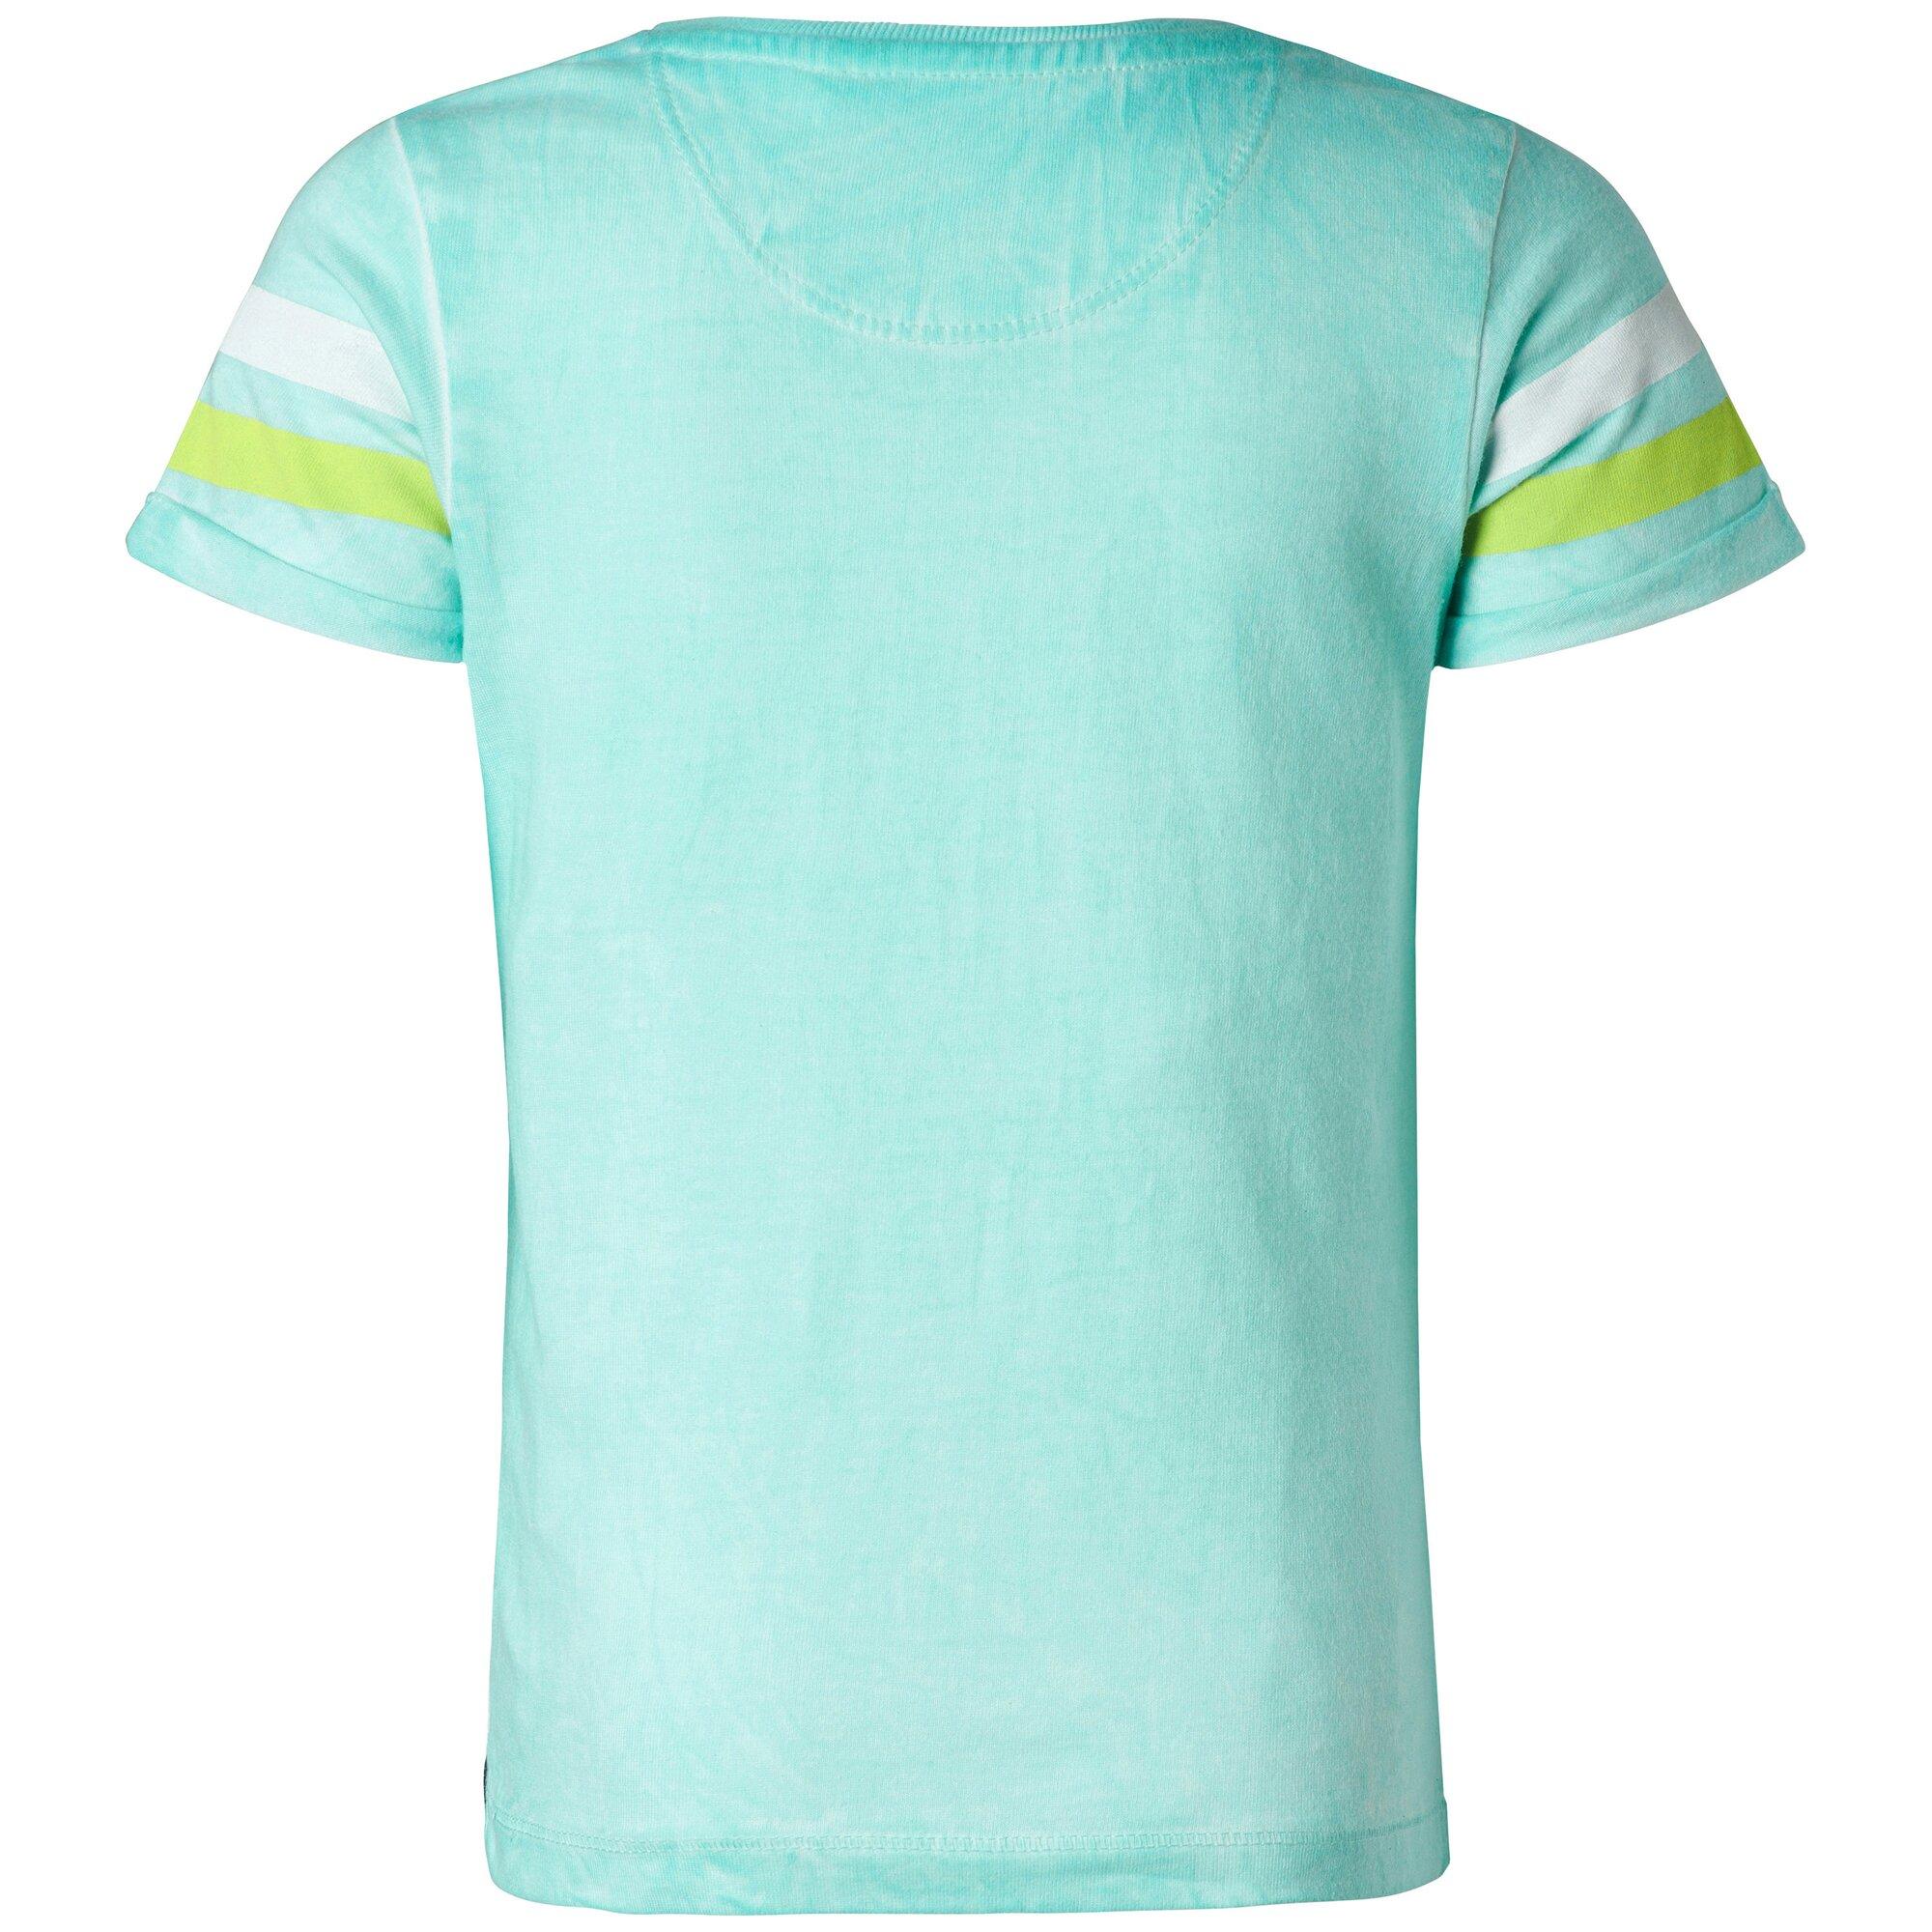 noppies-t-shirt-fabens, 15.99 EUR @ babywalz-de